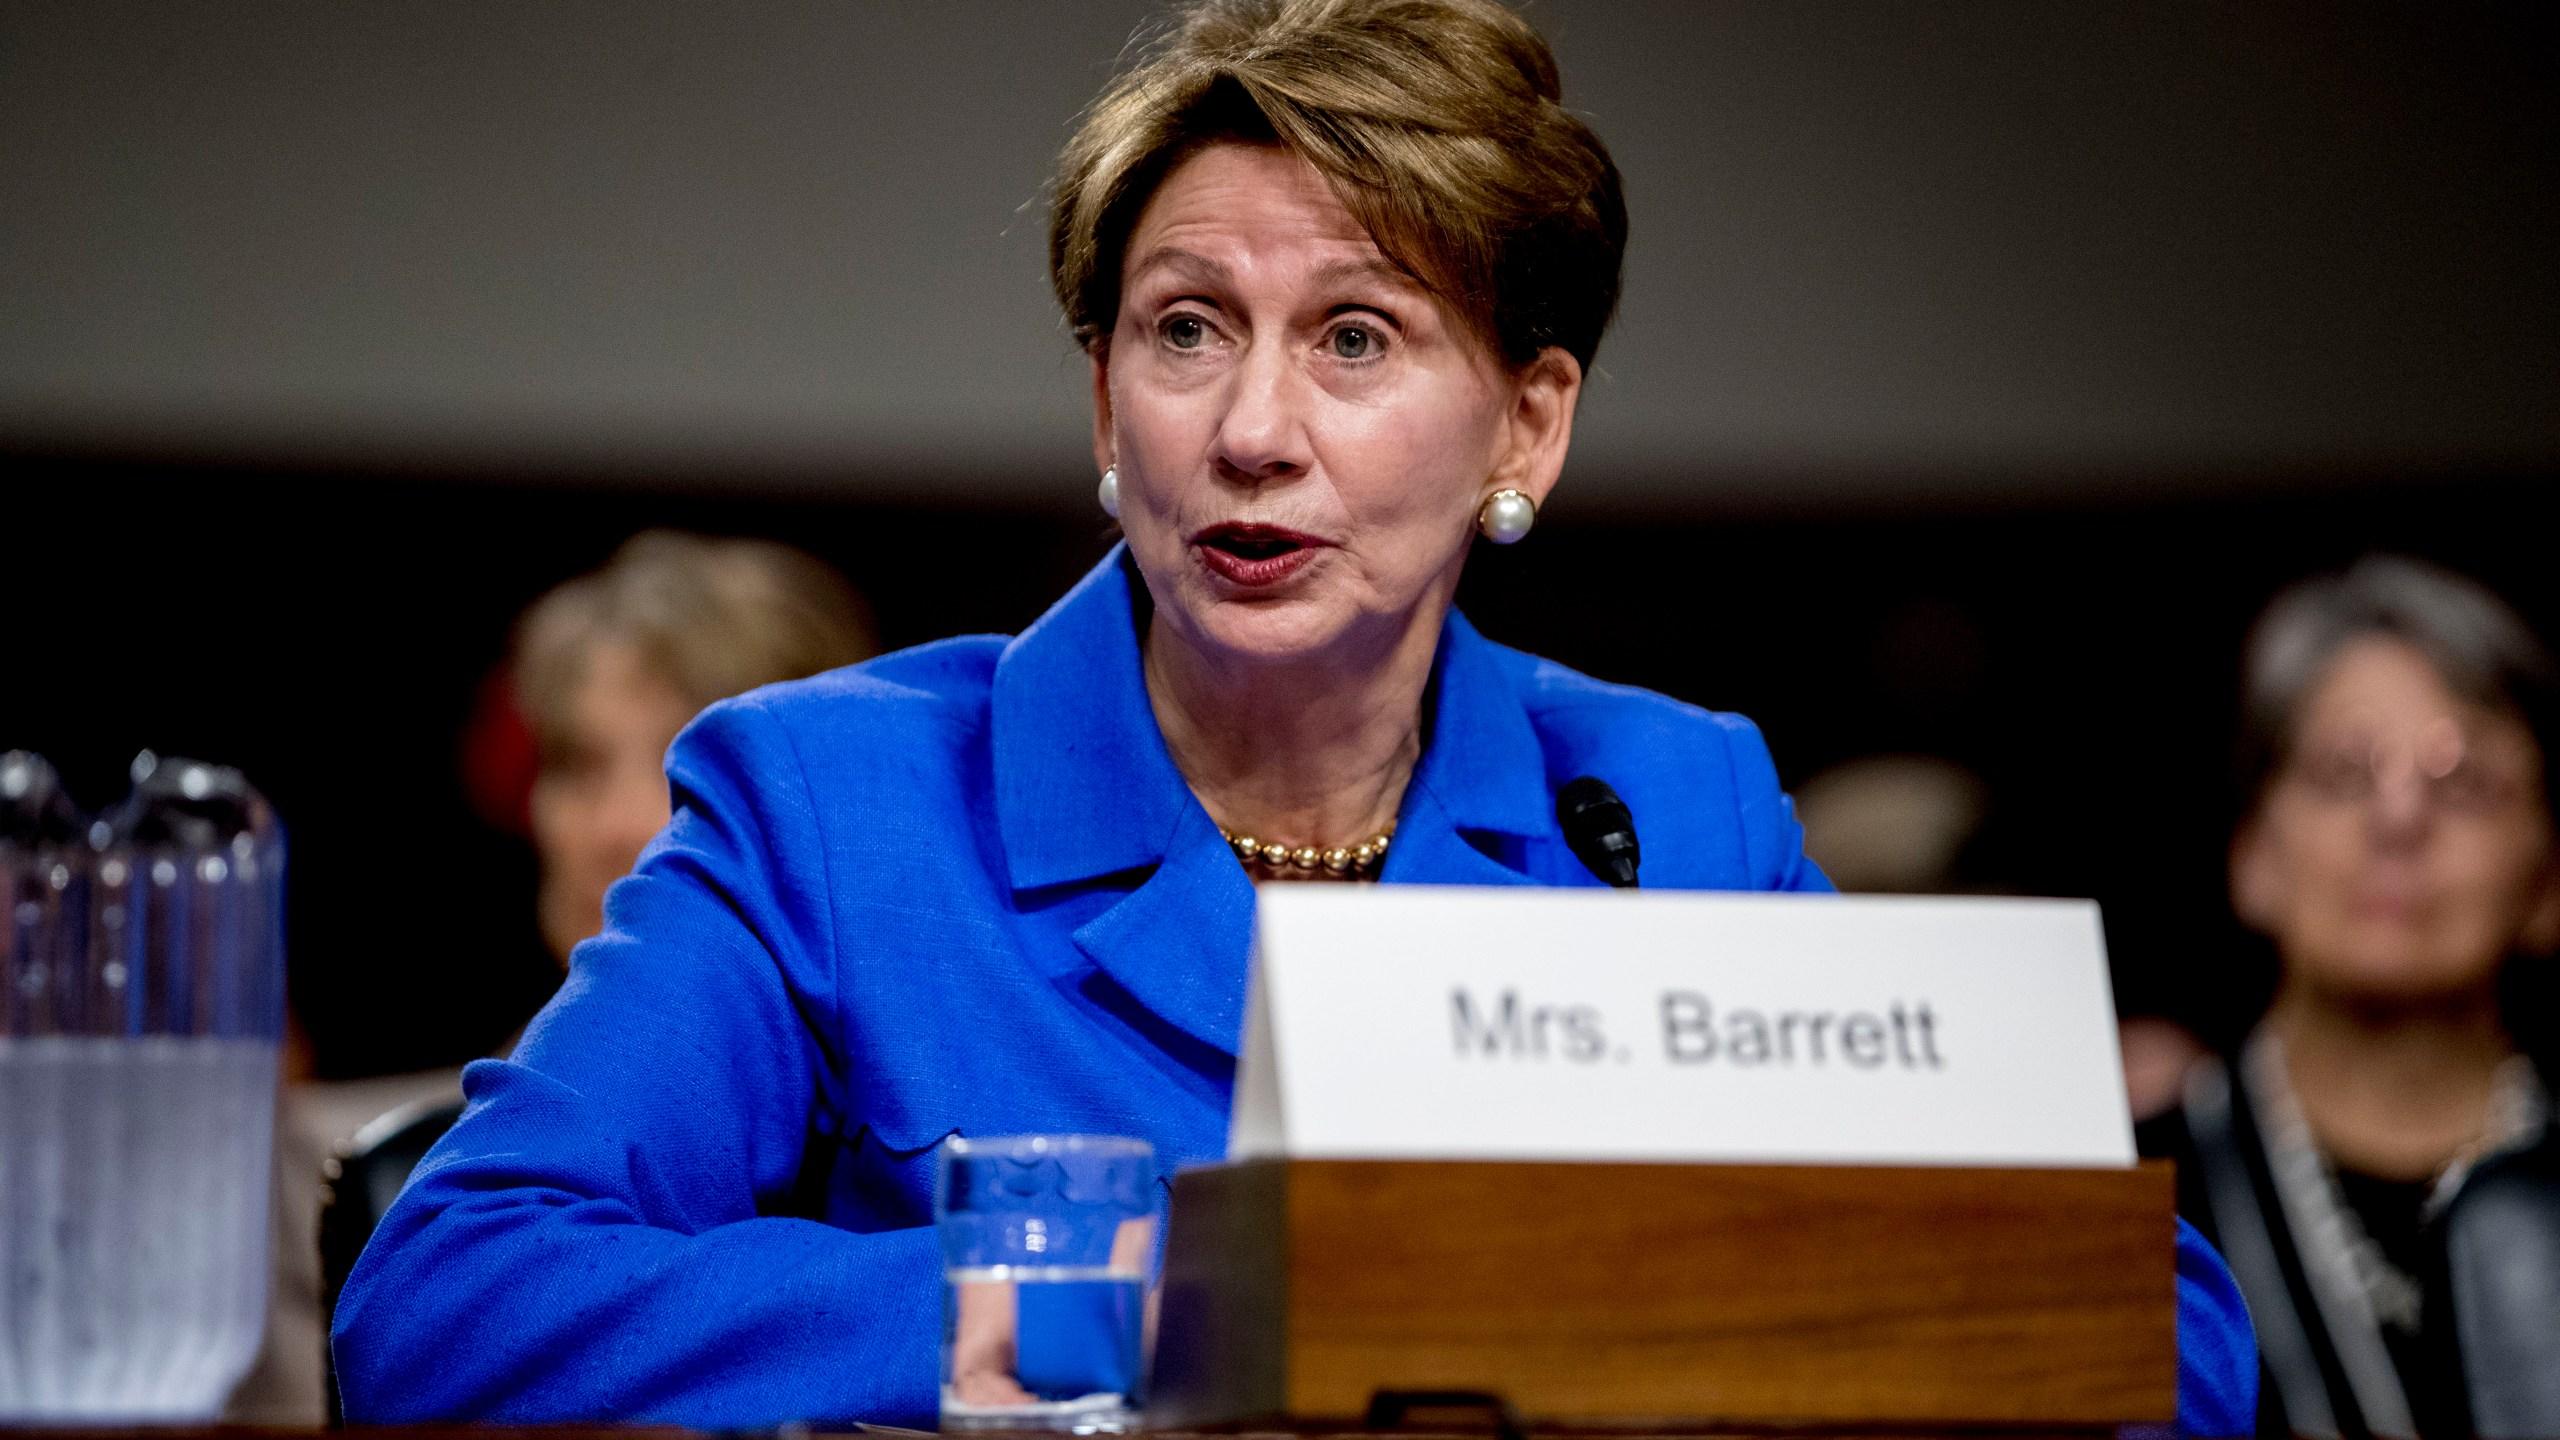 Barbara Barrett